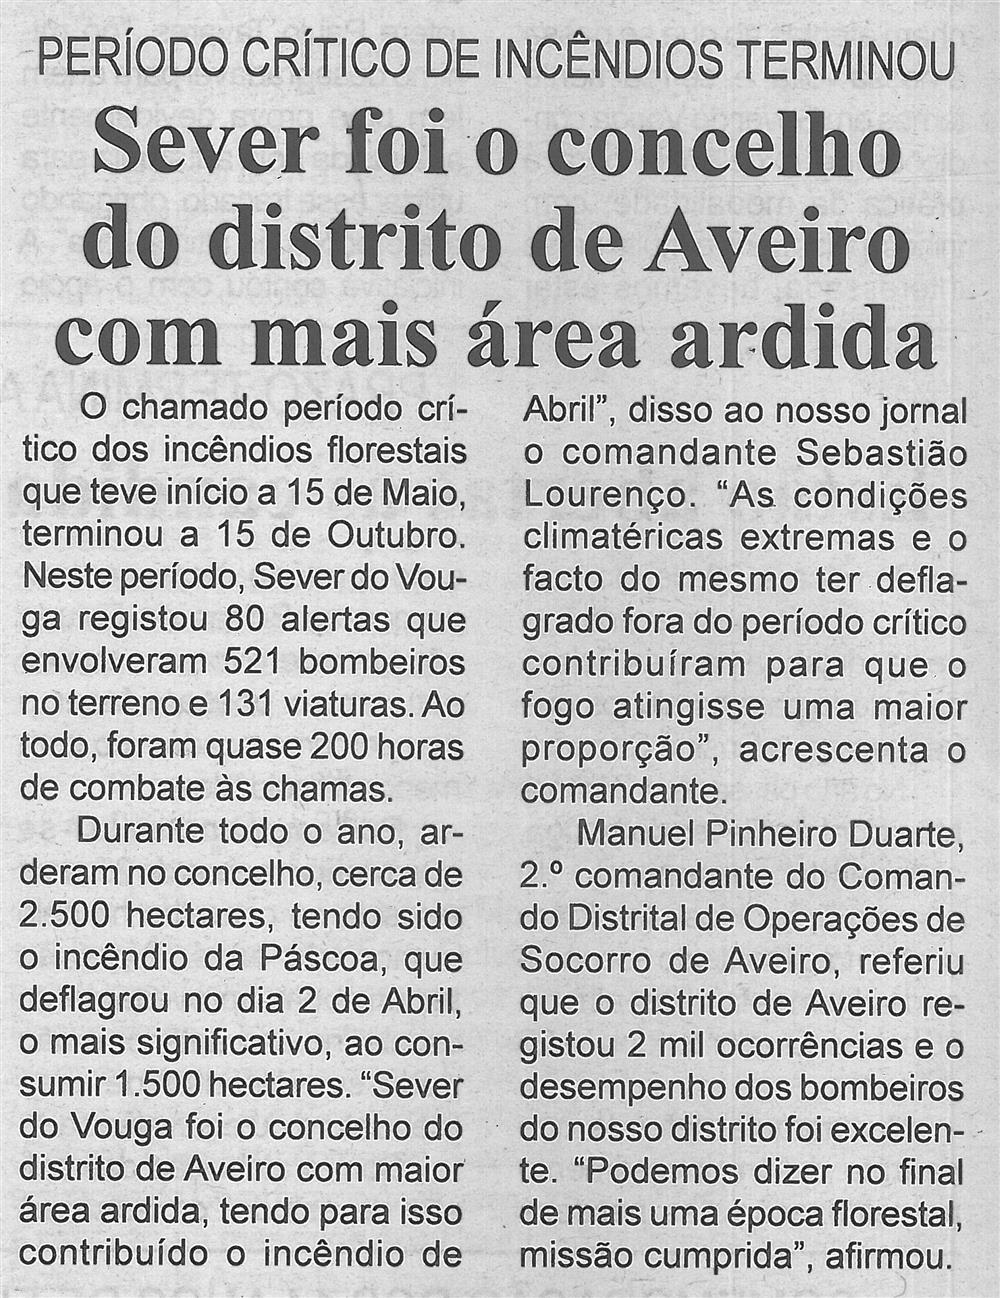 BV-1.ªnov.'15-p.6 - Sever foi o concelho do distrito de Aveiro com mais área ardida : período crítico de incêndios terminou.jpg